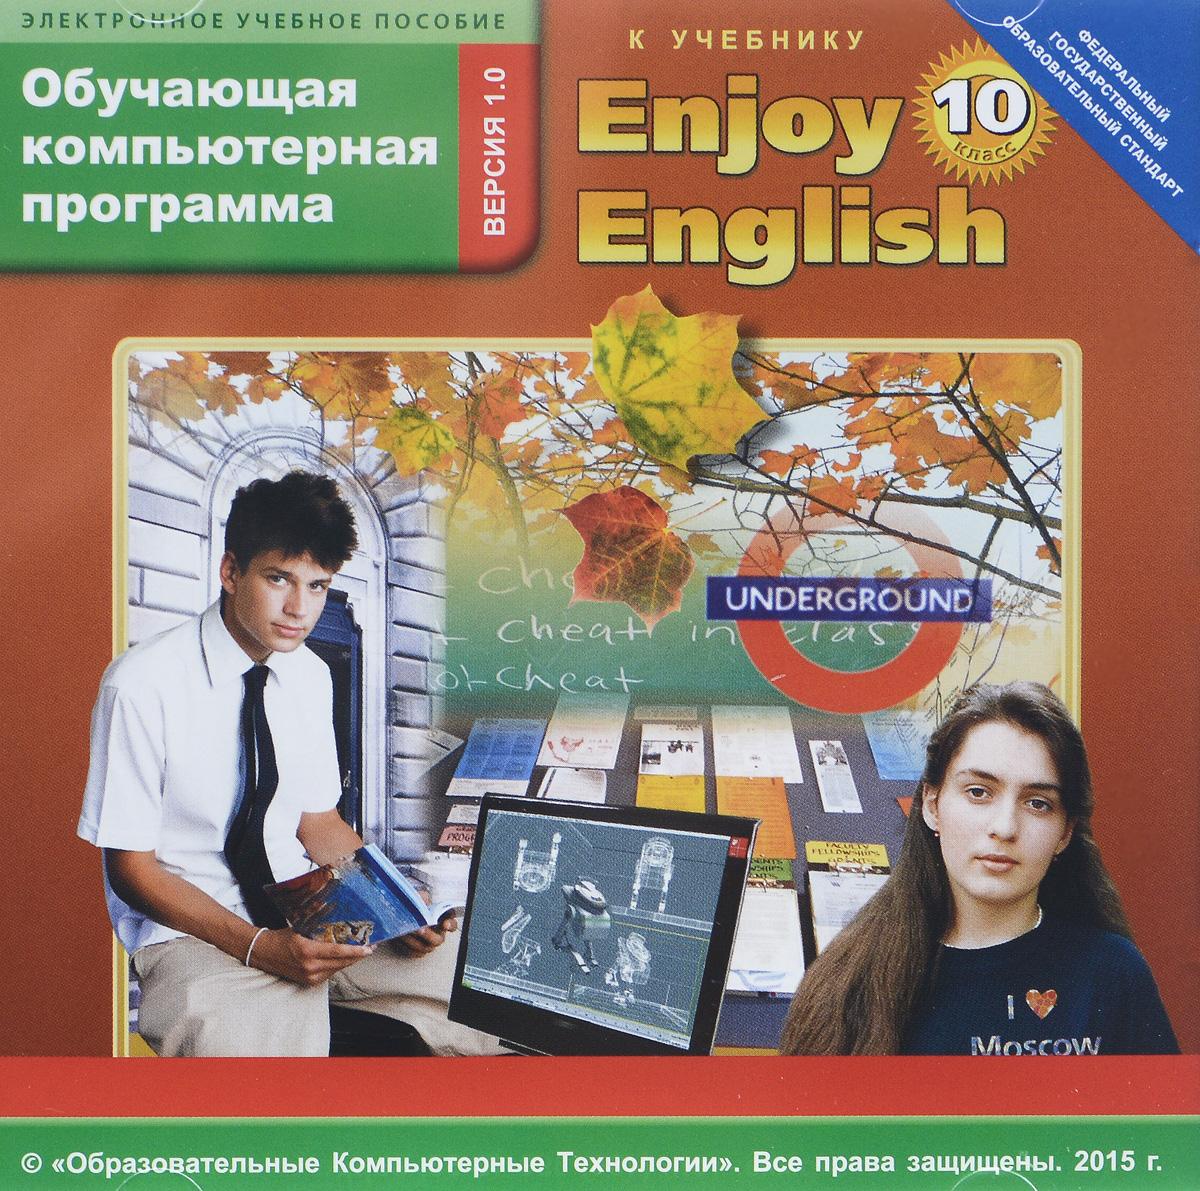 Enjoy English 10 / Английский с удовольствием. 10 класс. Обучающая компьютерная программа